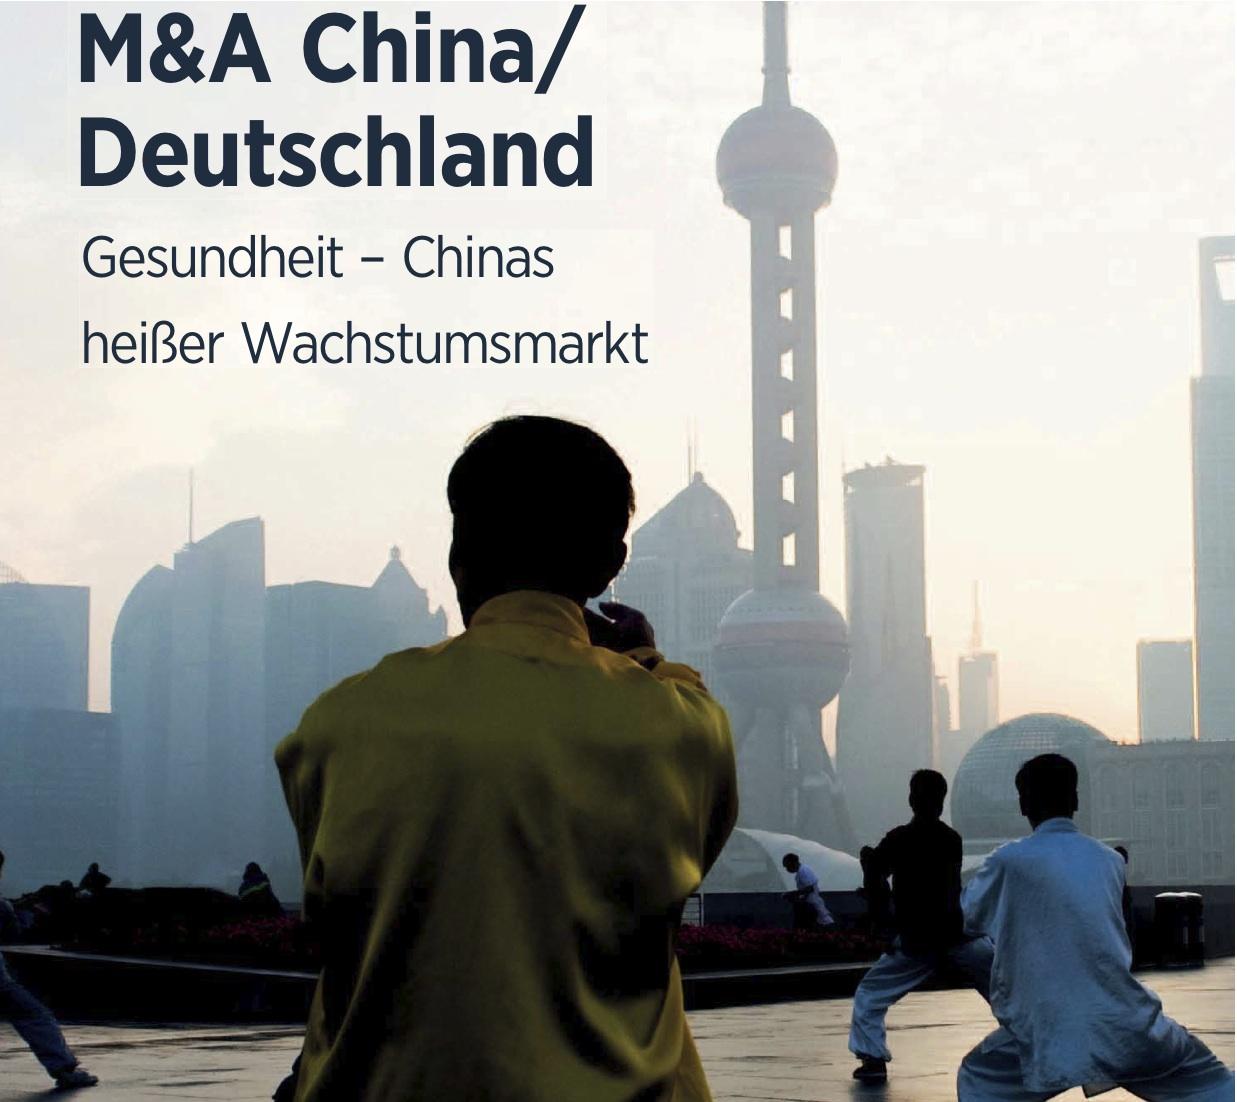 M&A China/Deutschland: Gesundheit – Chinas Heißer Wachstumsmarkt